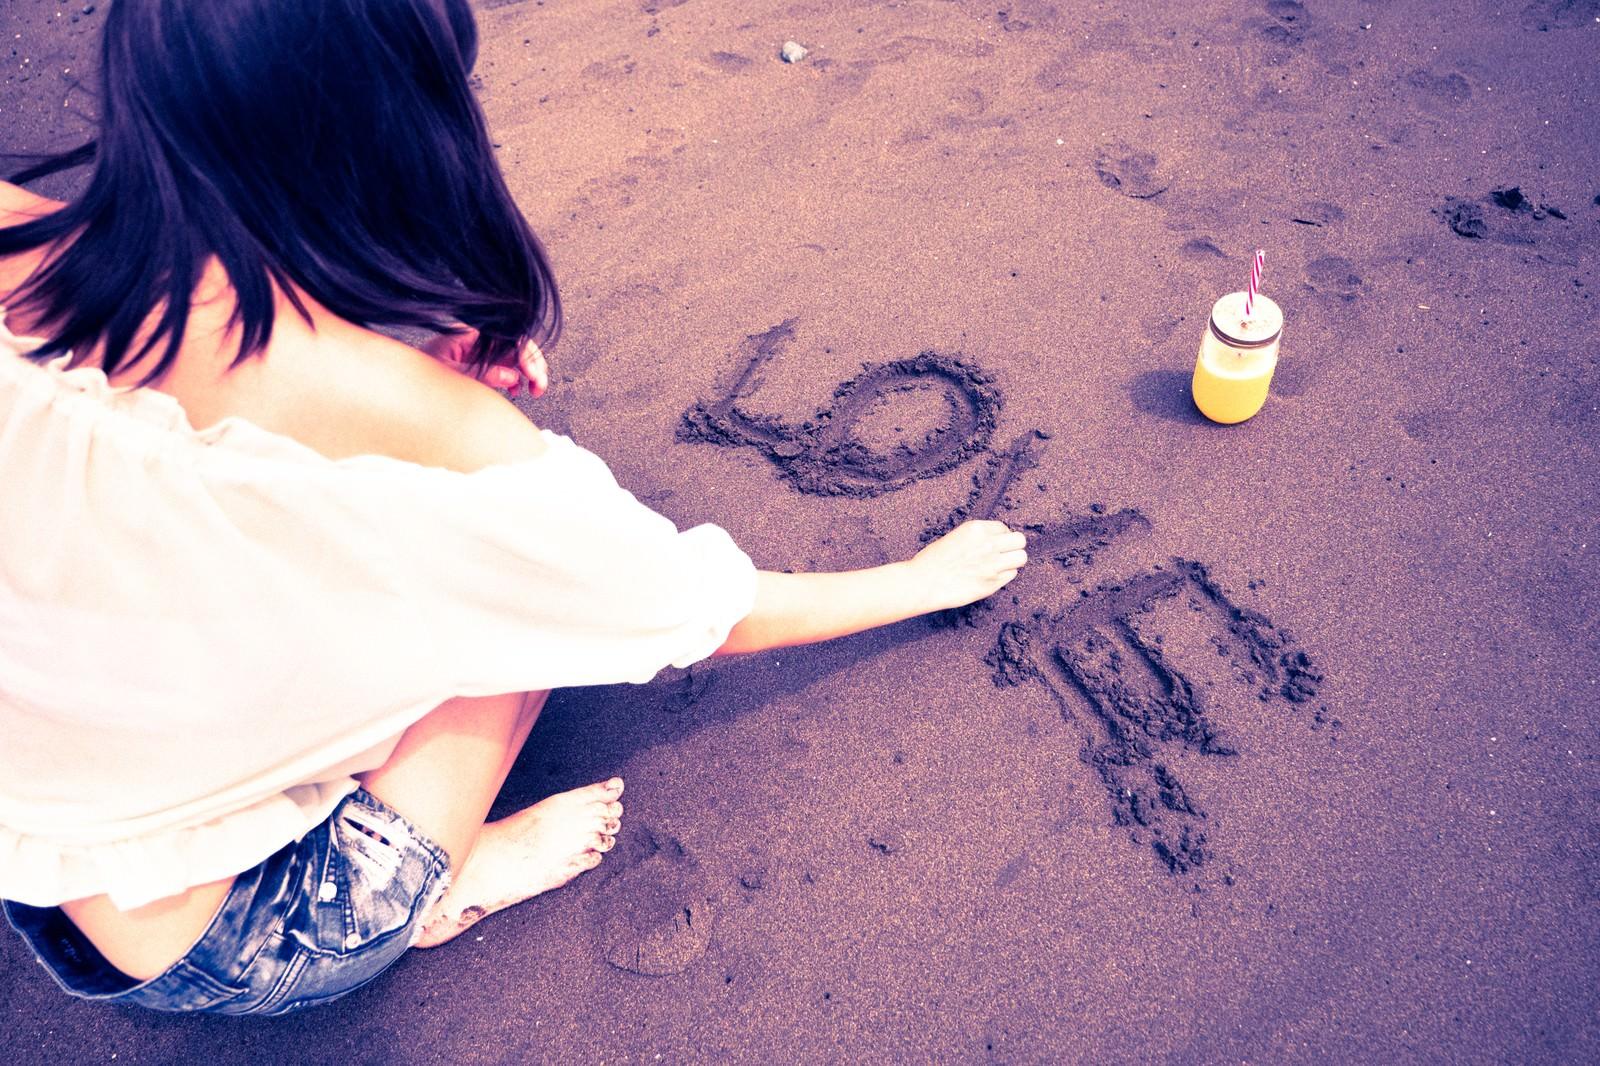 「LOVE(ラブ)の文字を書く女性LOVE(ラブ)の文字を書く女性」のフリー写真素材を拡大